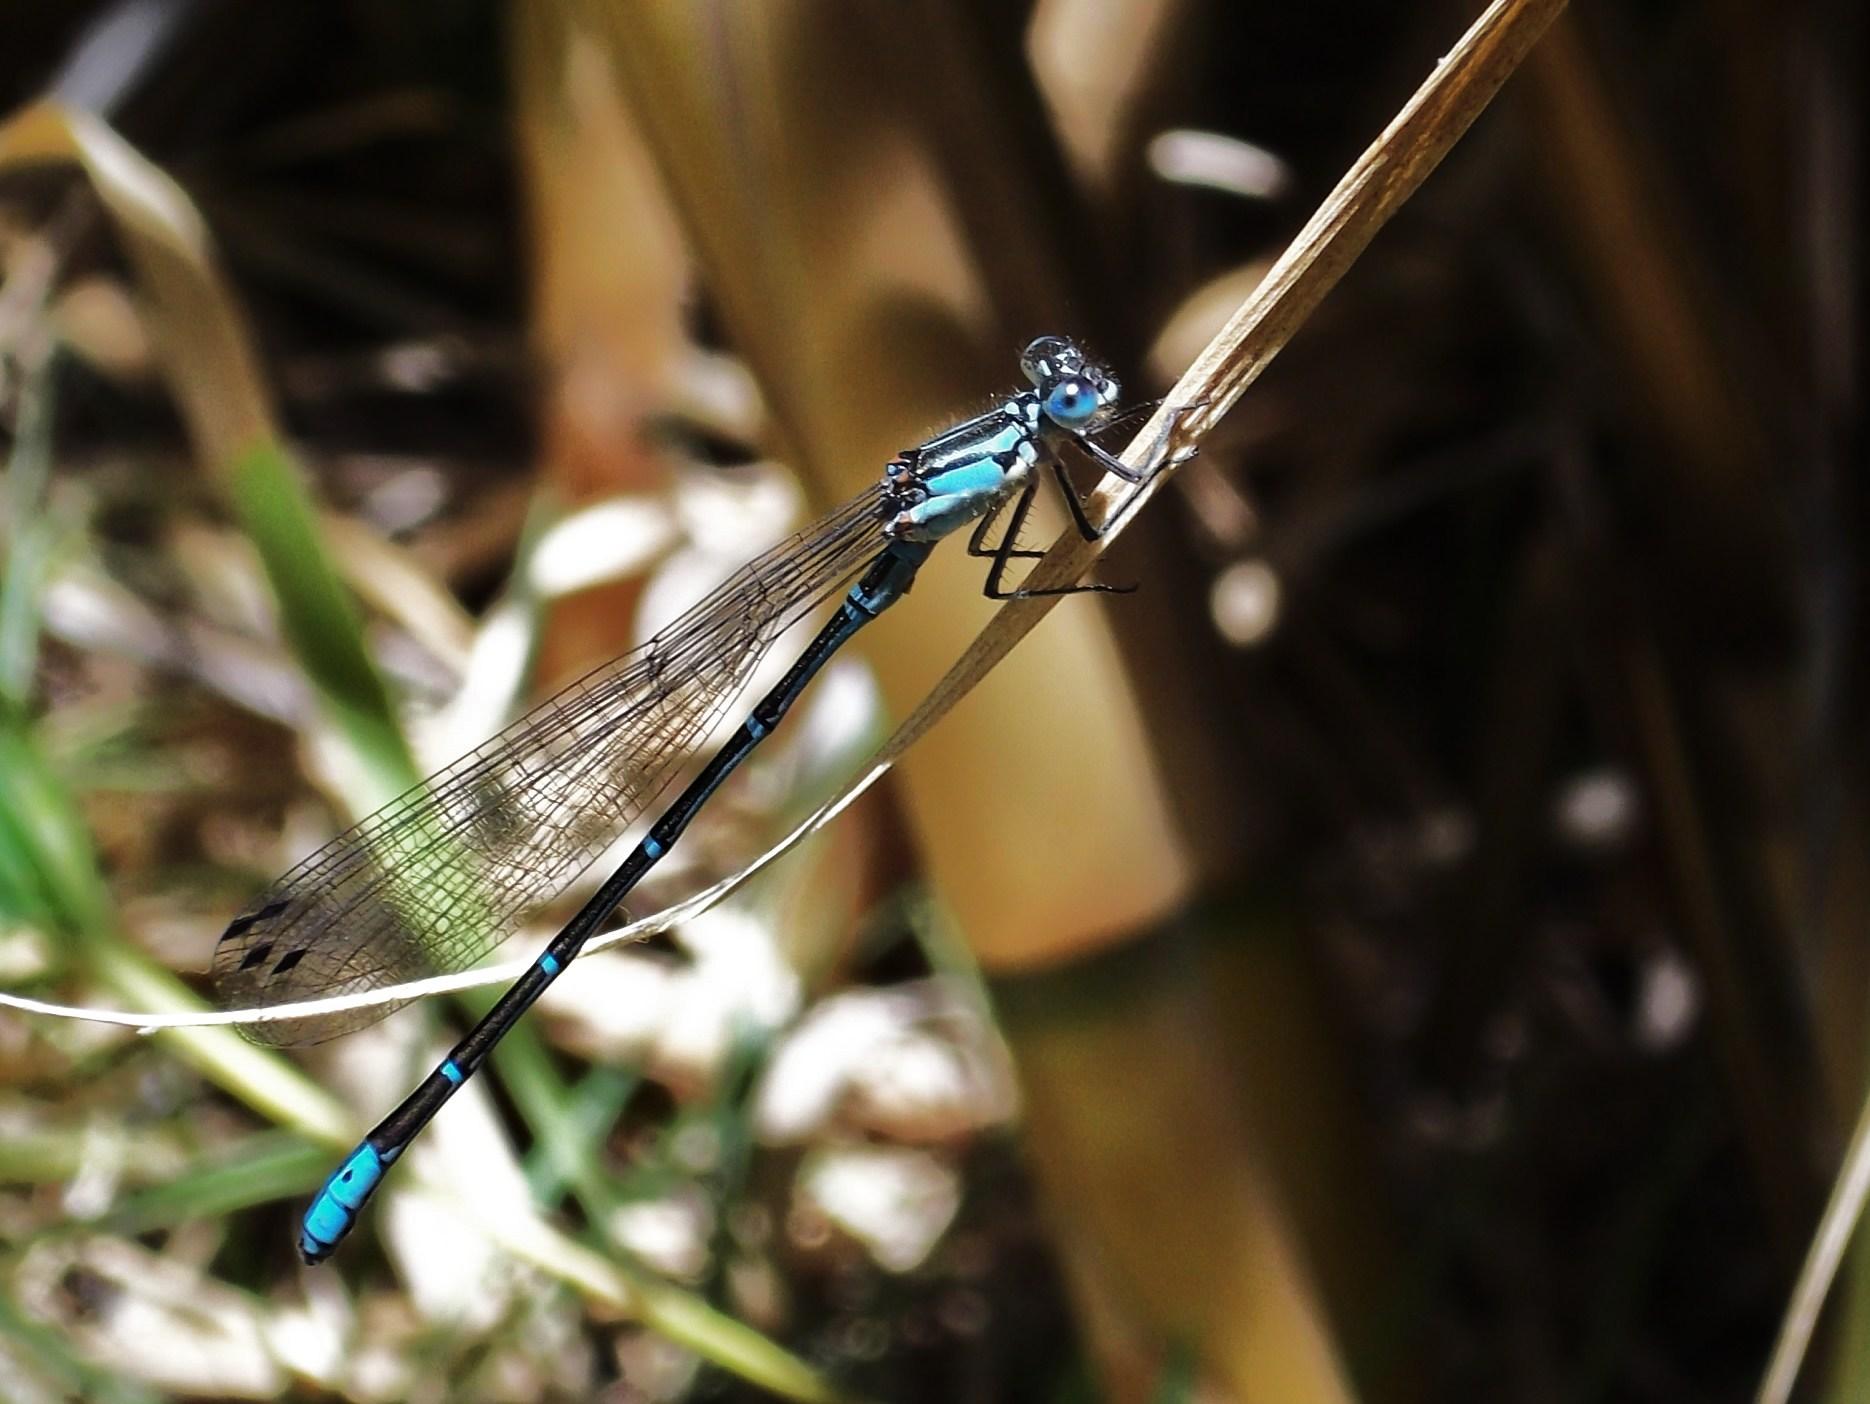 Blue Dragonfly by TheWallProducciones